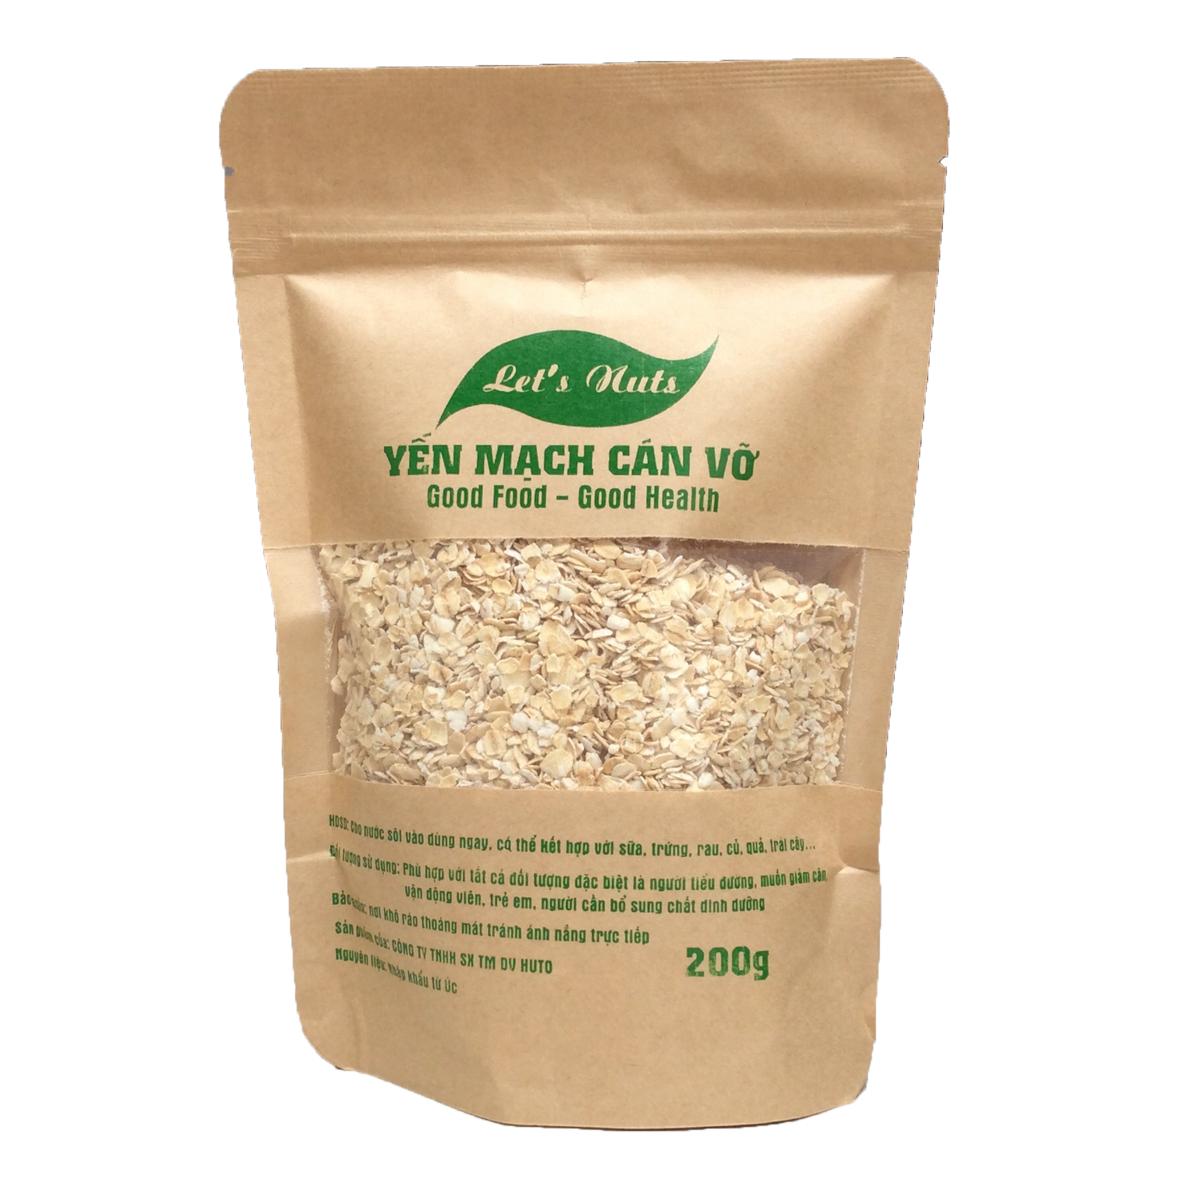 Hạt yến mạch cán vỡ Let's Nuts làm ngũ cốc giảm cân, bột yến mạch, người tập gym, bổ sung chất dinh dưỡng túi 200g Let Nuts